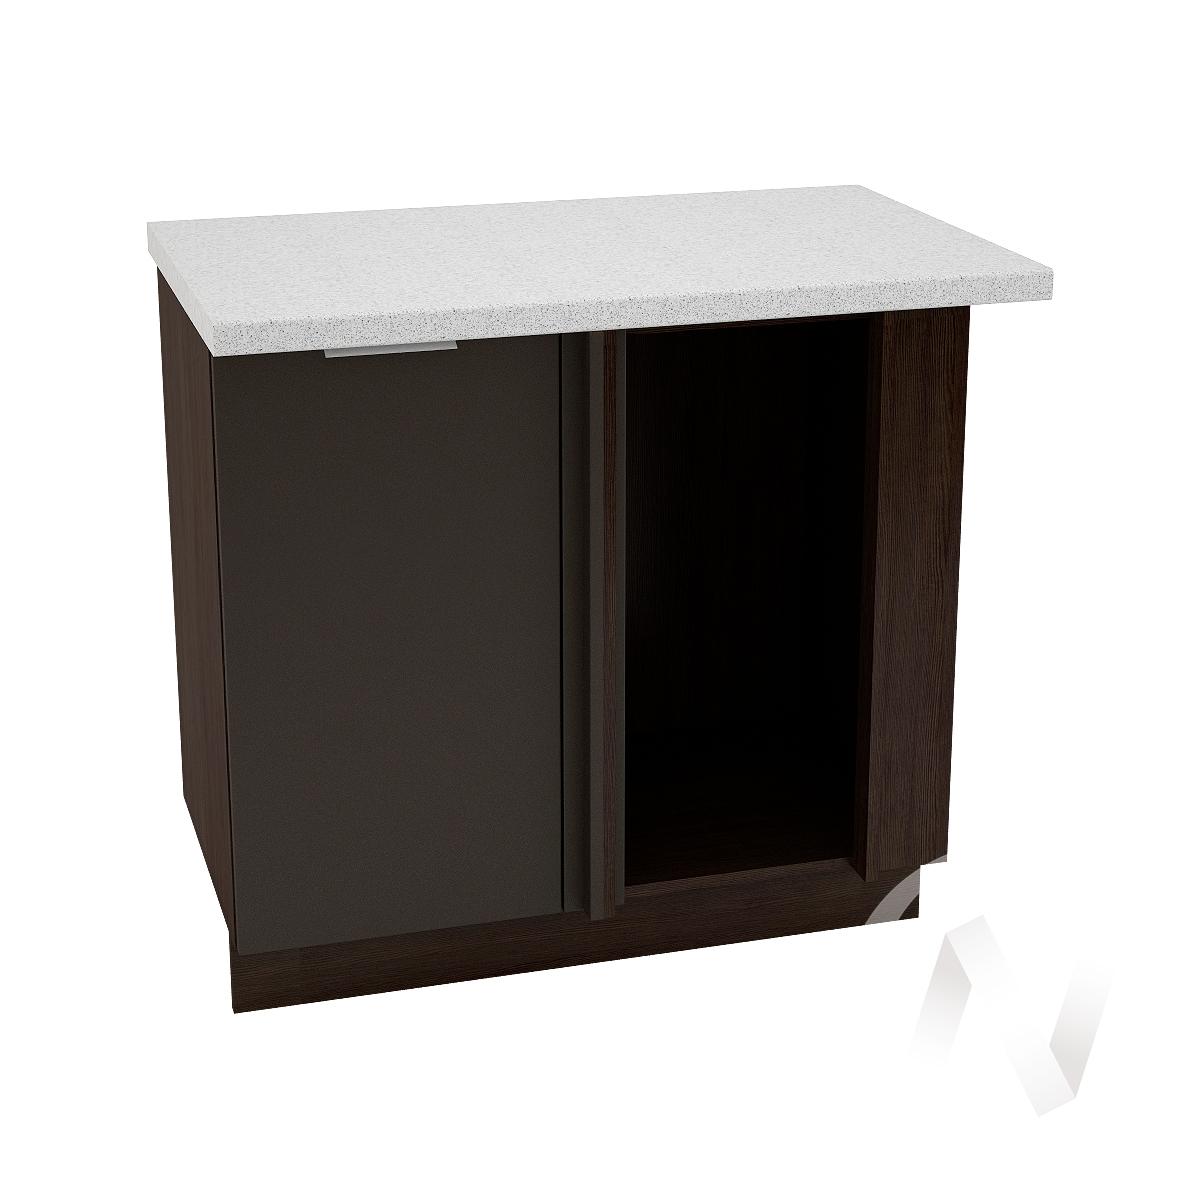 """Кухня """"Терра"""": Шкаф нижний угловой 990М, ШНУ 990М (смоки софт/корпус венге)"""